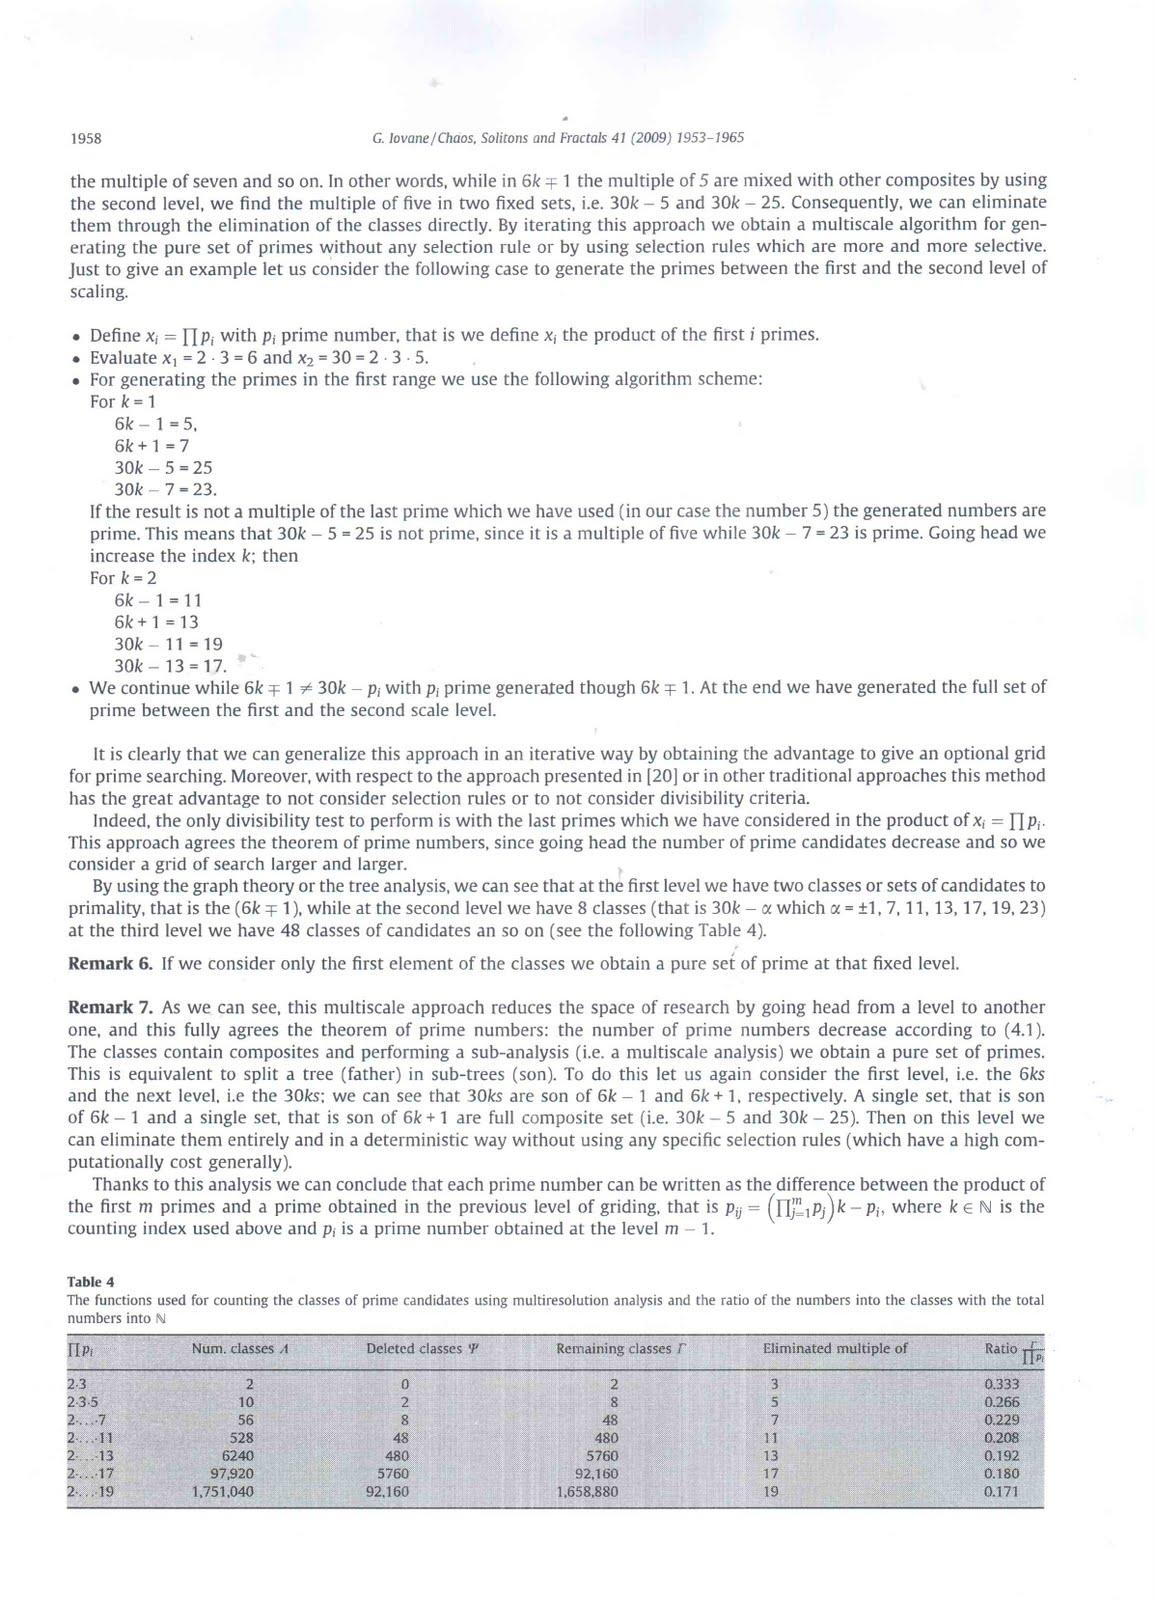 [lovane+6+at+3-3-2010+18-02+PM.jpg]